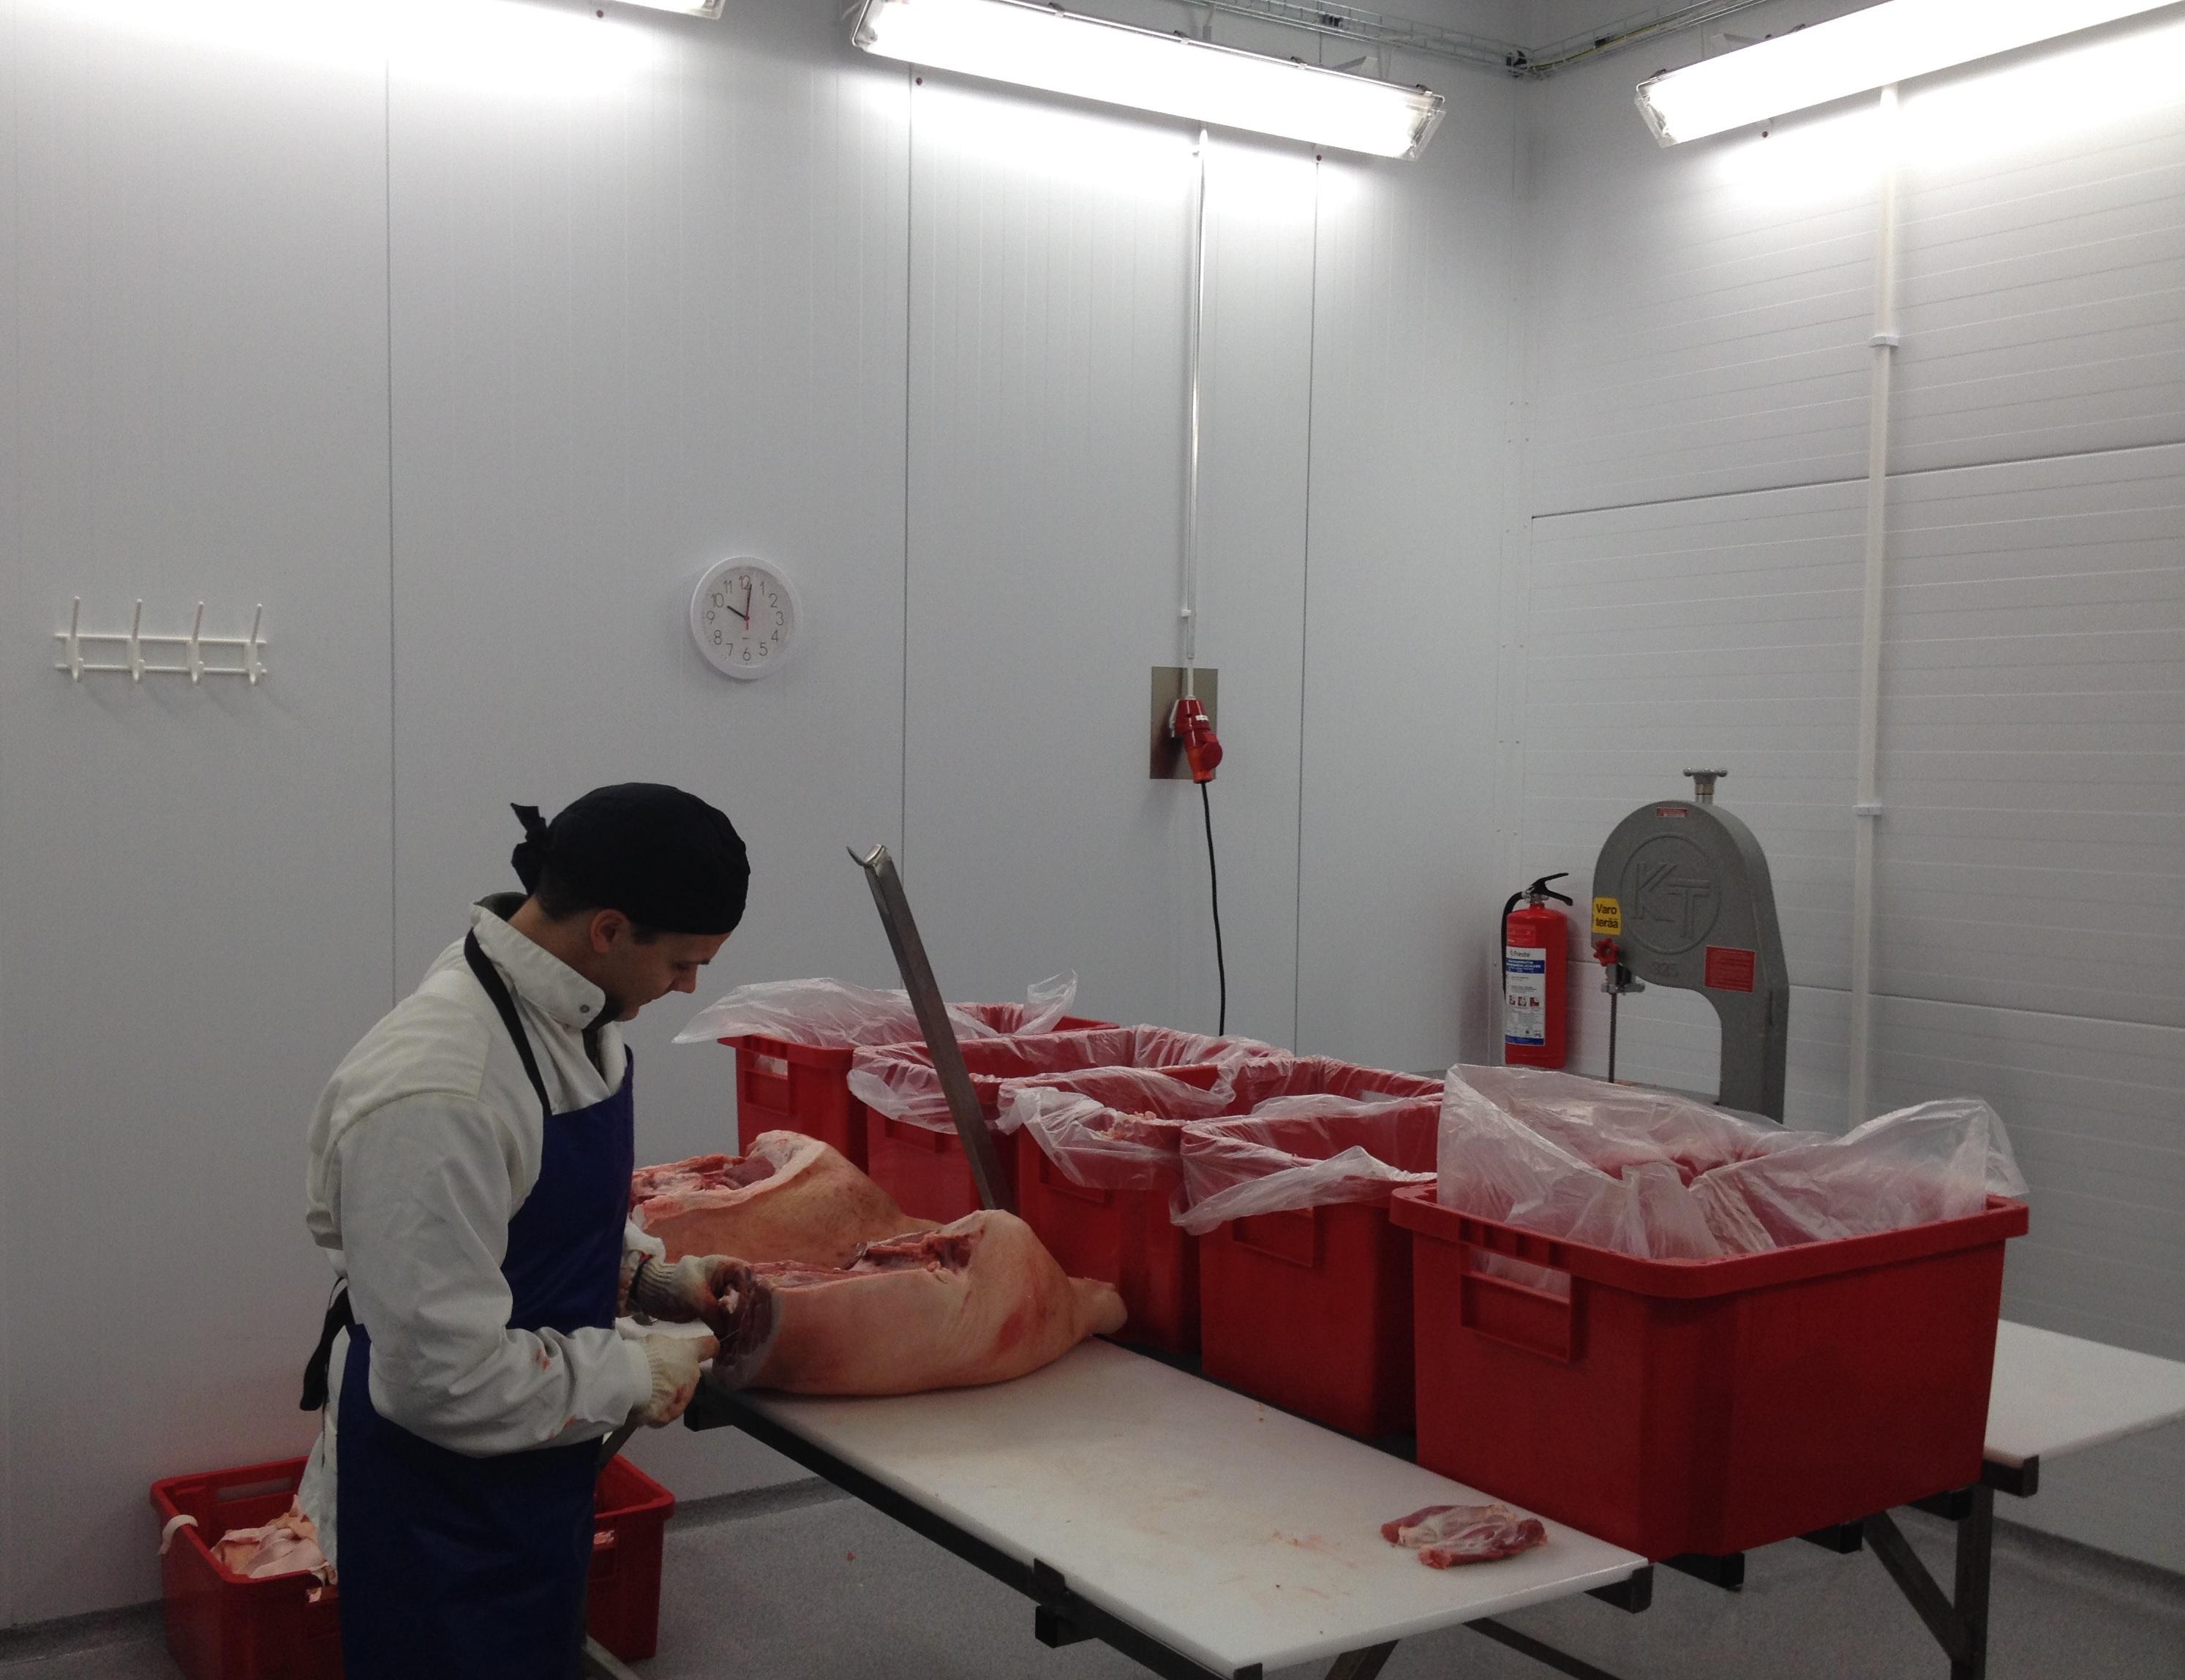 Laadukas lihanleikkaus vaatii rautaista ammattitaitoa.